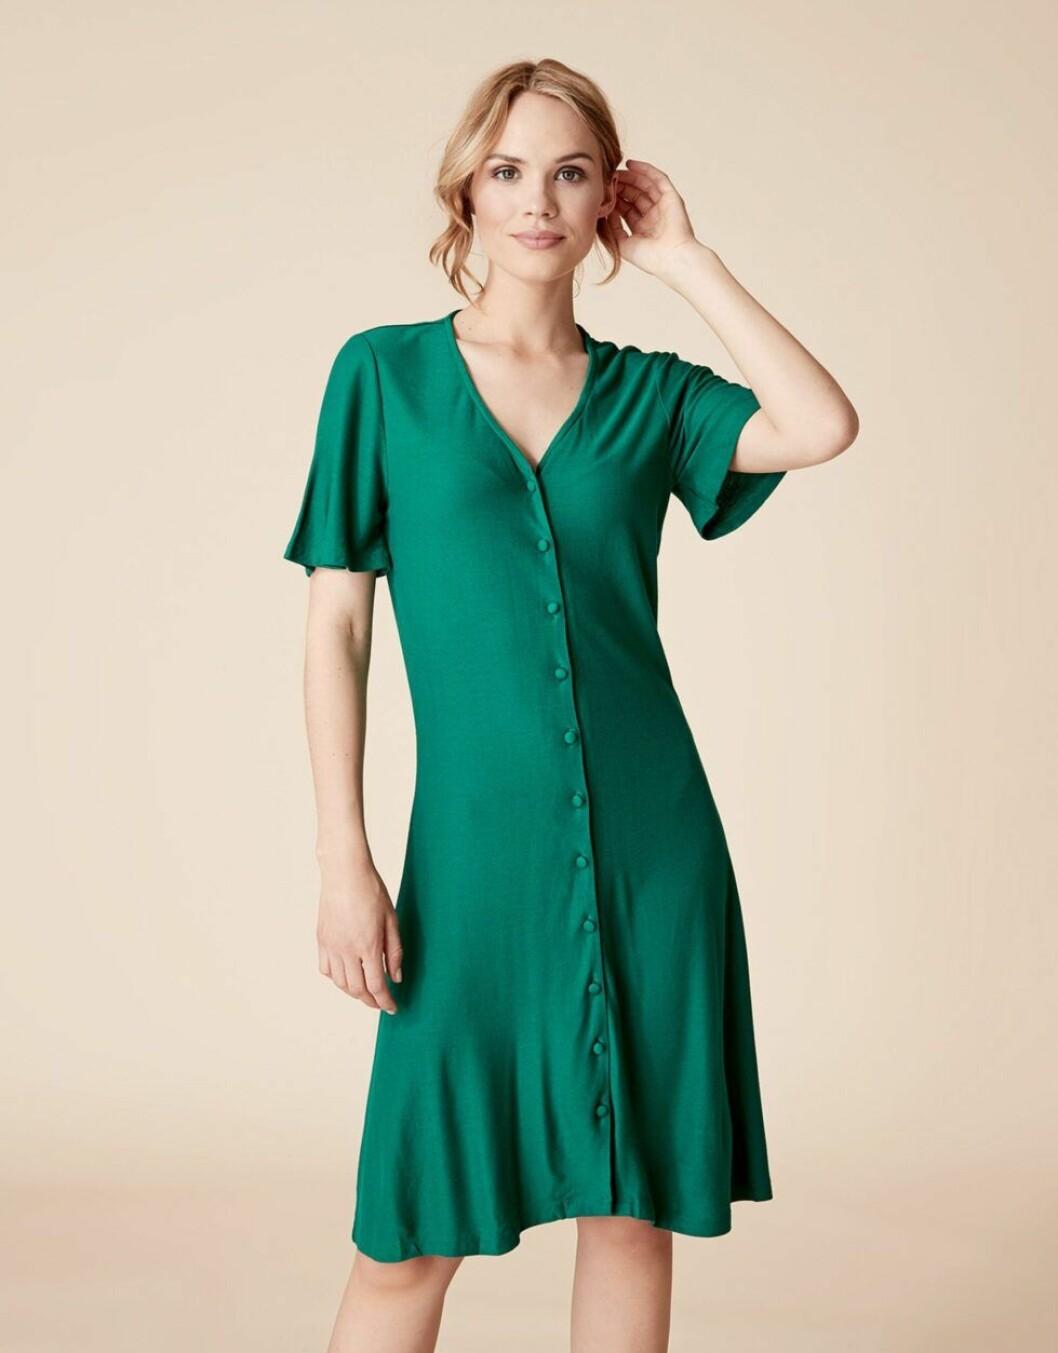 grön klänning indiska